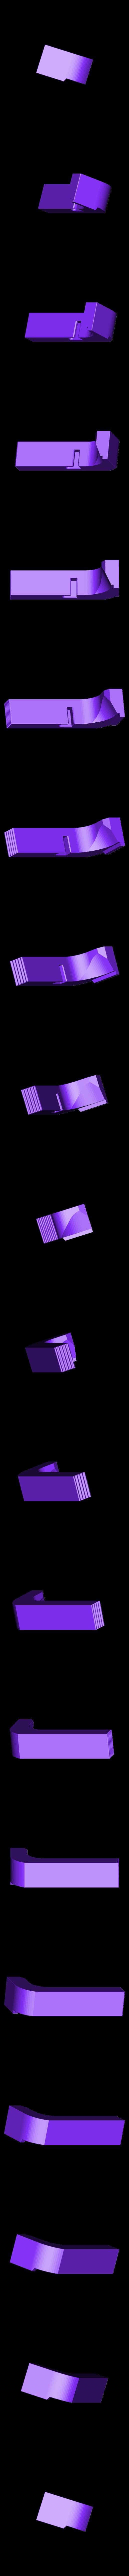 Mag Catch.stl Télécharger fichier STL gratuit Glock 26 g26 • Design à imprimer en 3D, idy26